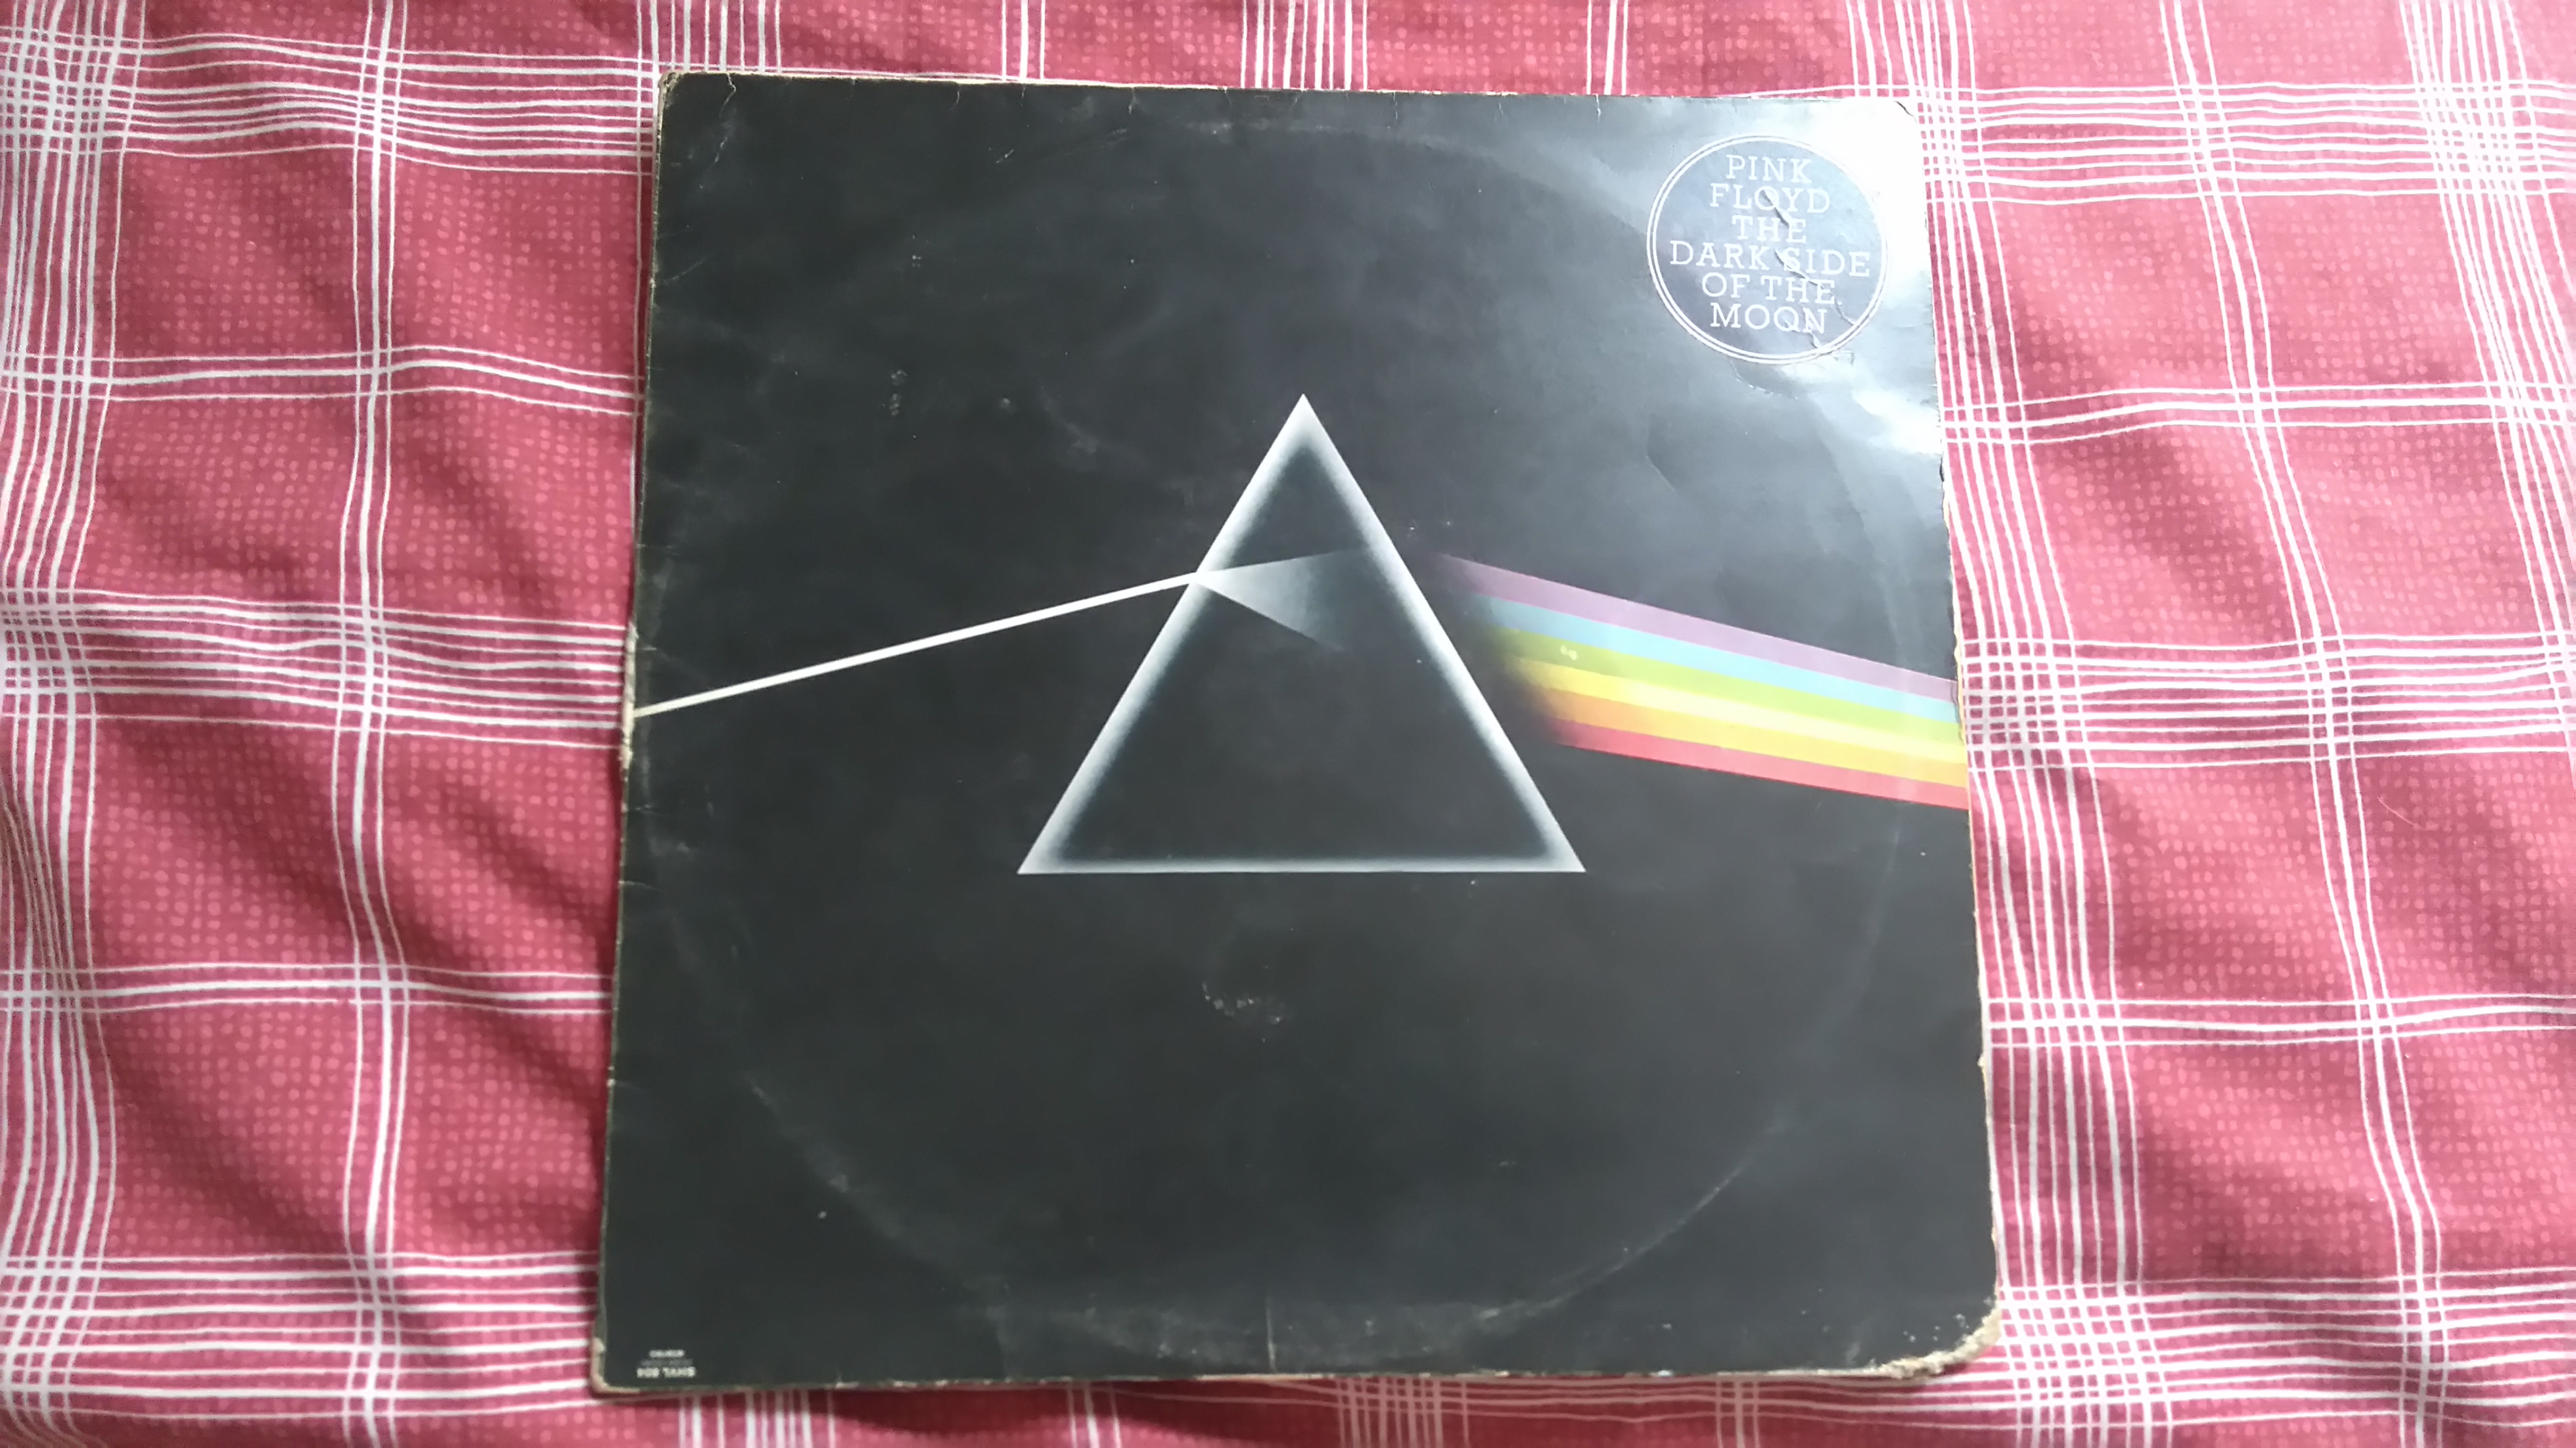 Pink Floyd Vinyl.JPG